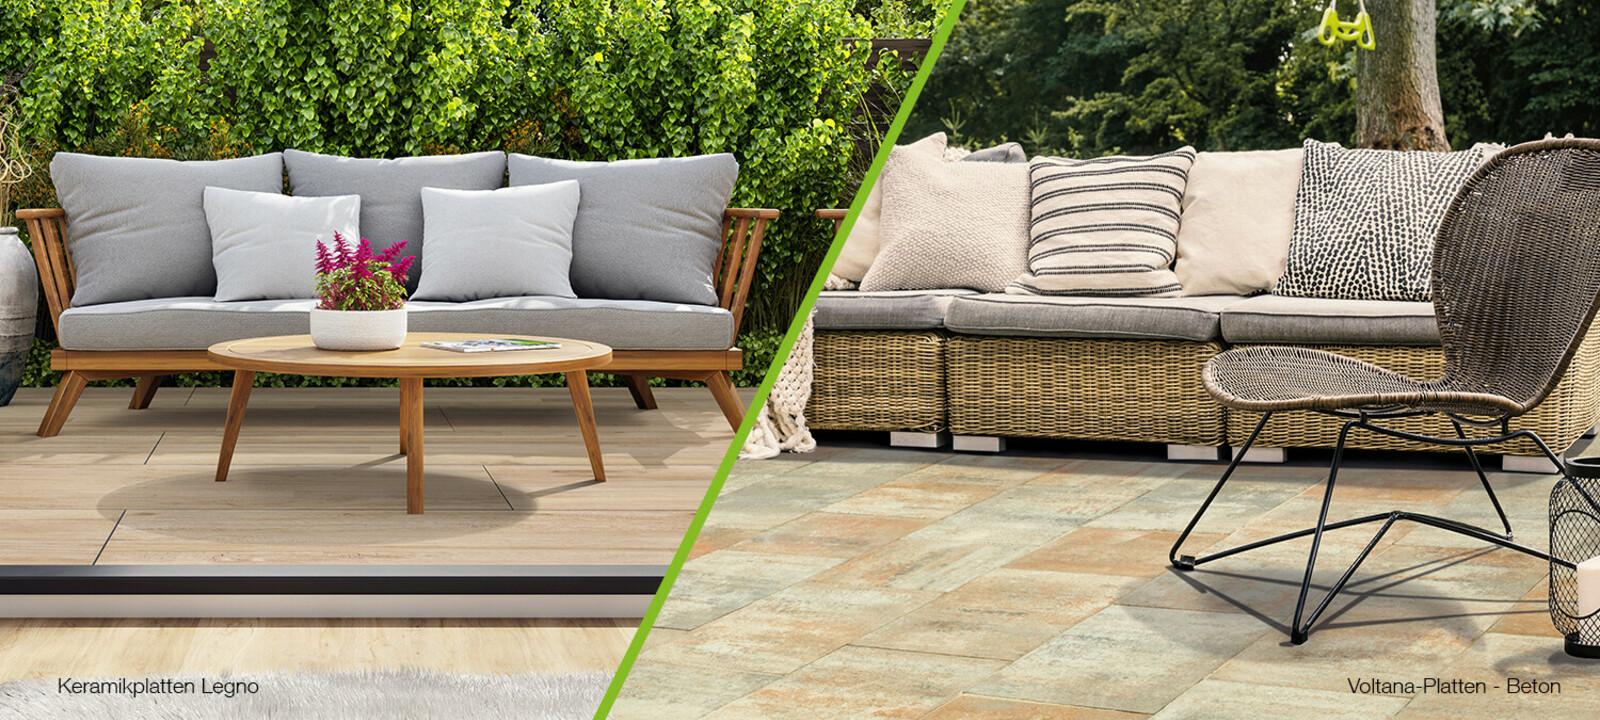 Terrassenplatten Keramik und Beton Vergleich